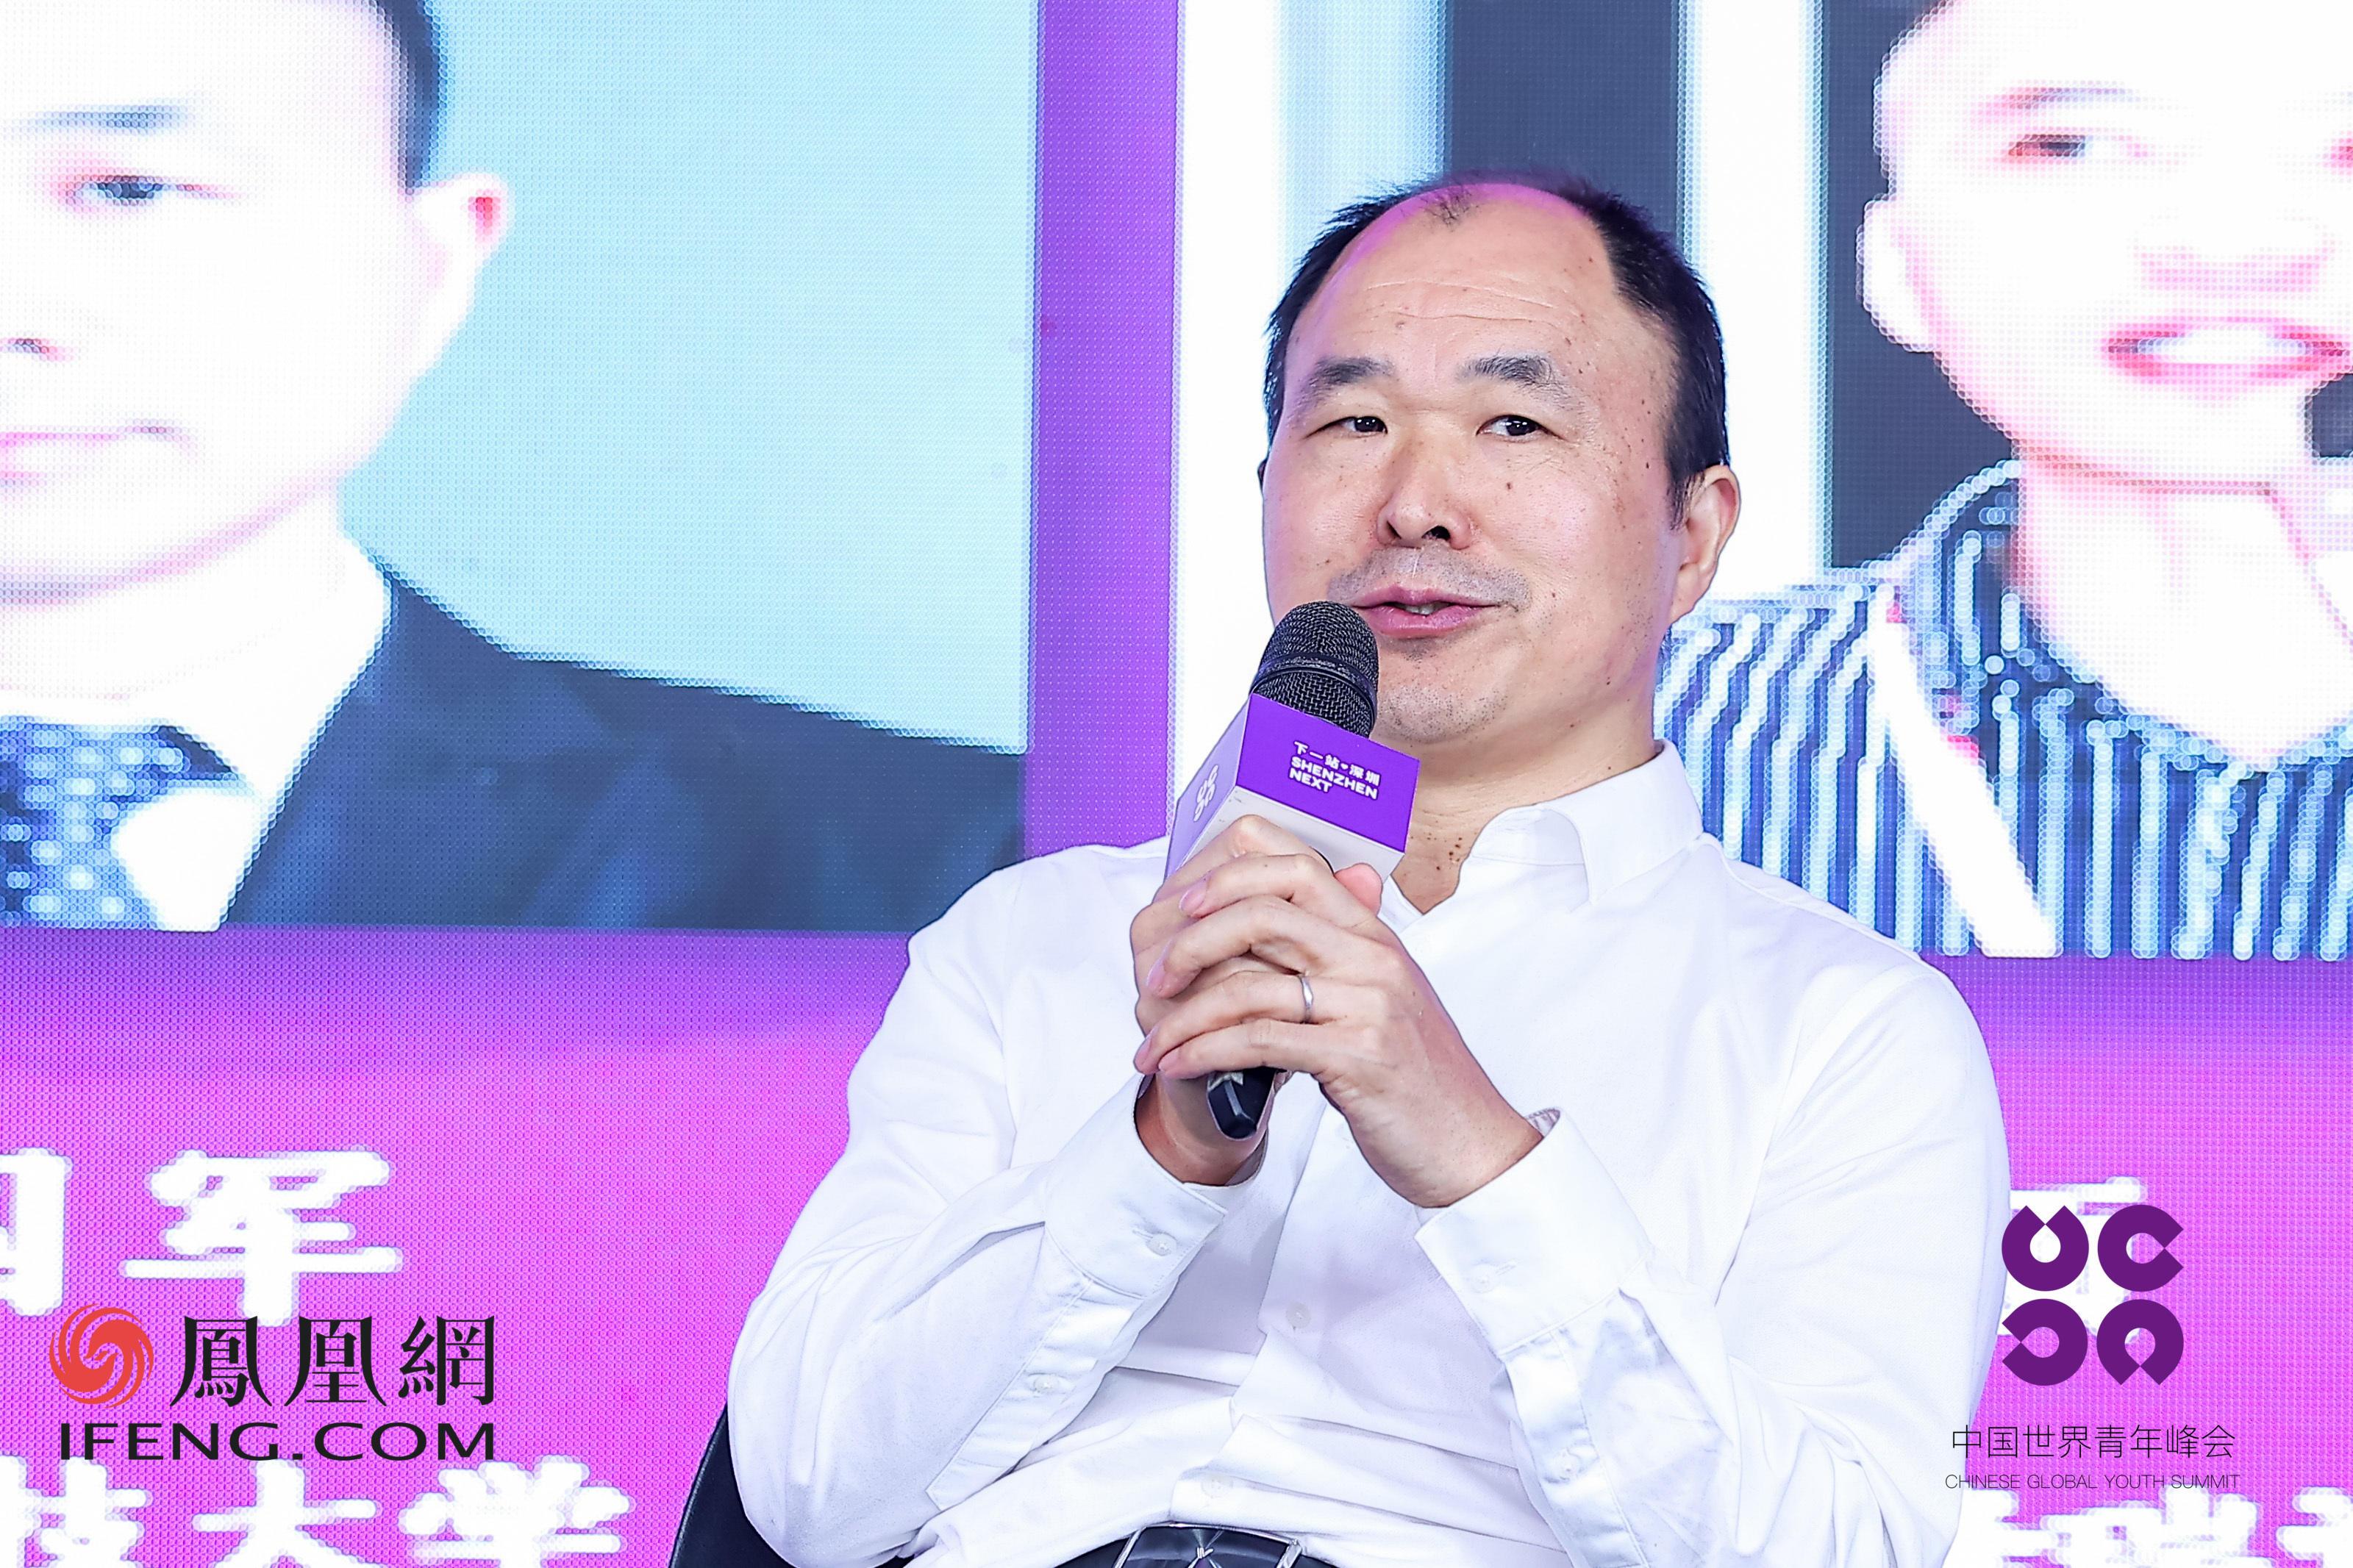 华科教授张国军:在深圳办事不分有关系和没关系,都能办成